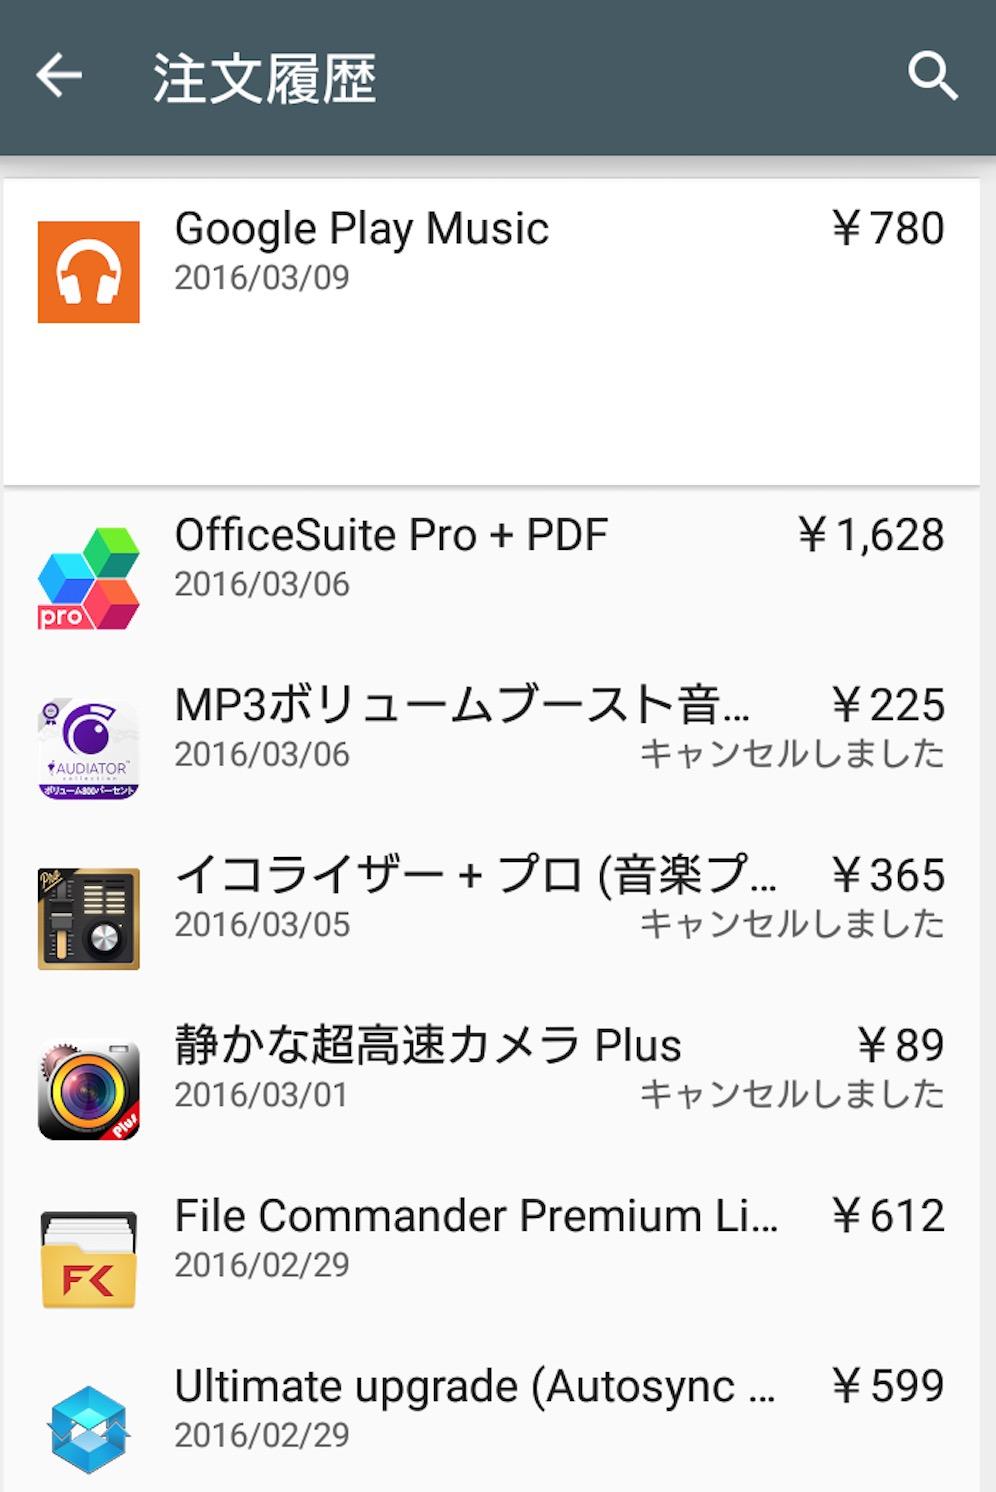 スクリーンショット 2016-03-24 19.43.33